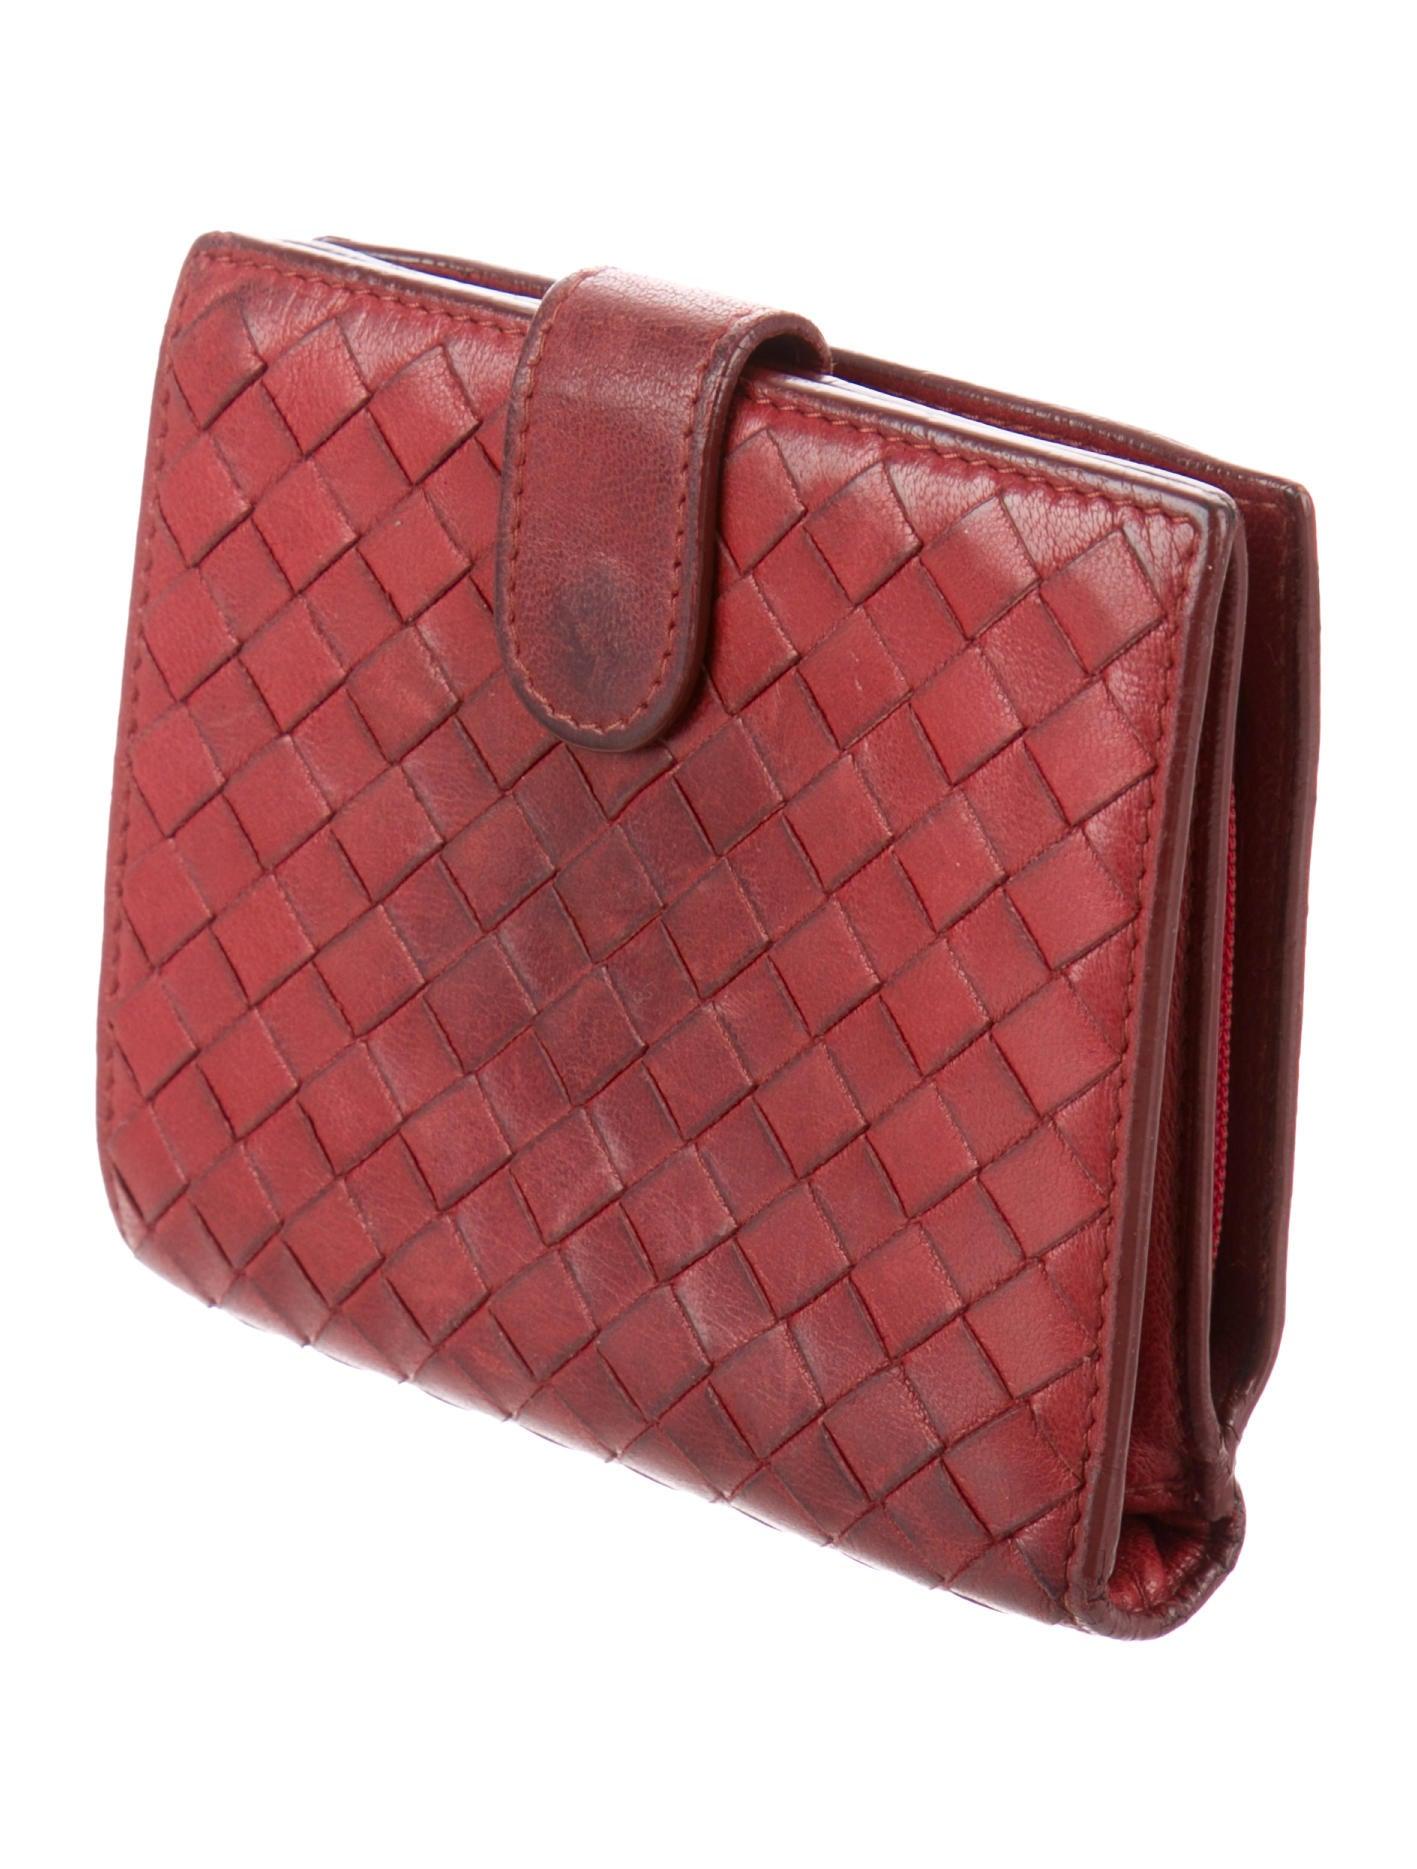 Bottega Veneta Intrecciato Leather Compact Wallet - Accessories ... bef69de1423ef